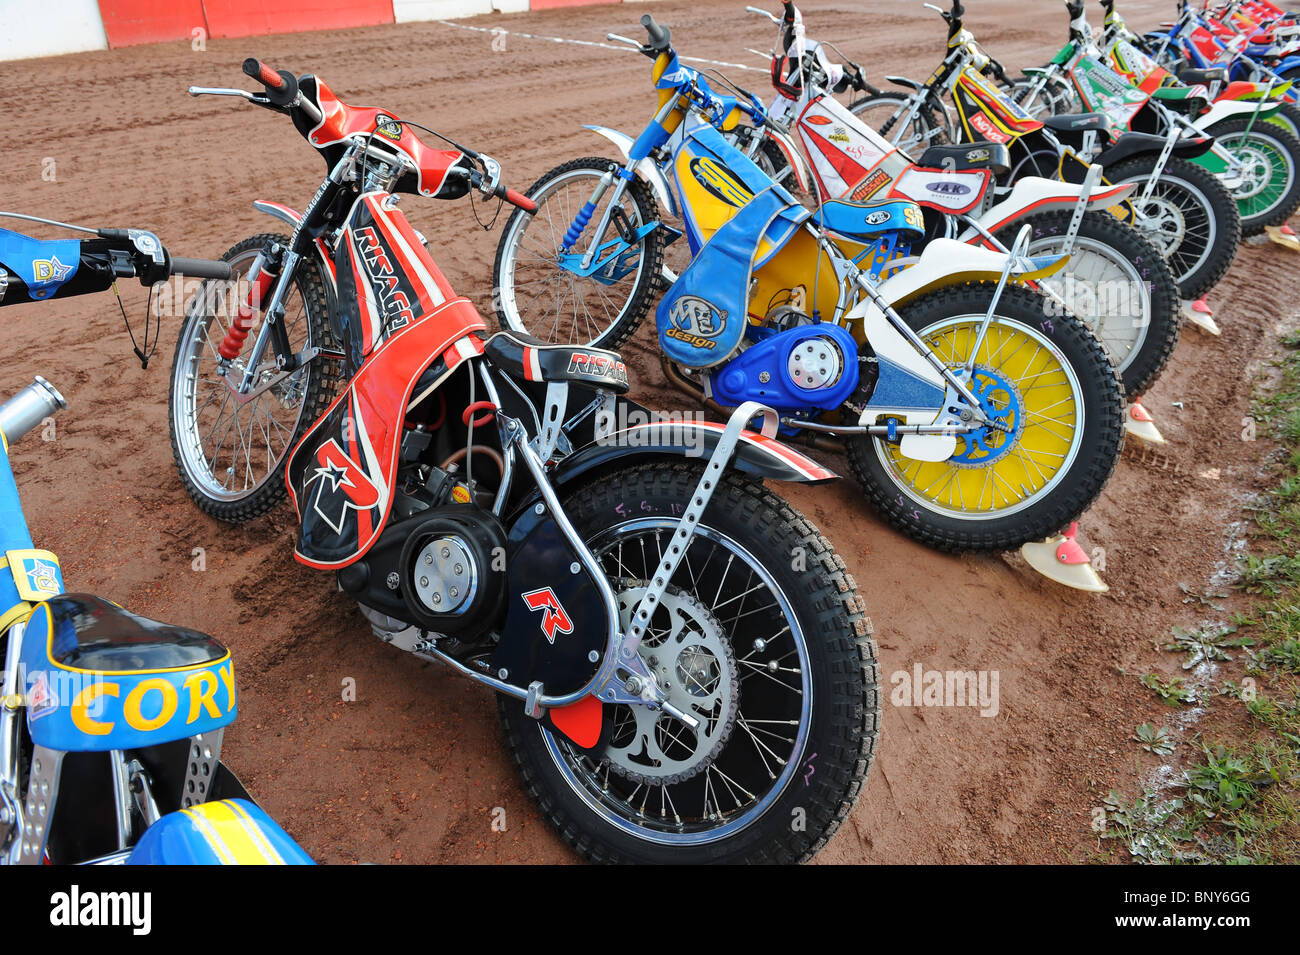 Speedway motos están alineados en la pista antes de racing Imagen De Stock